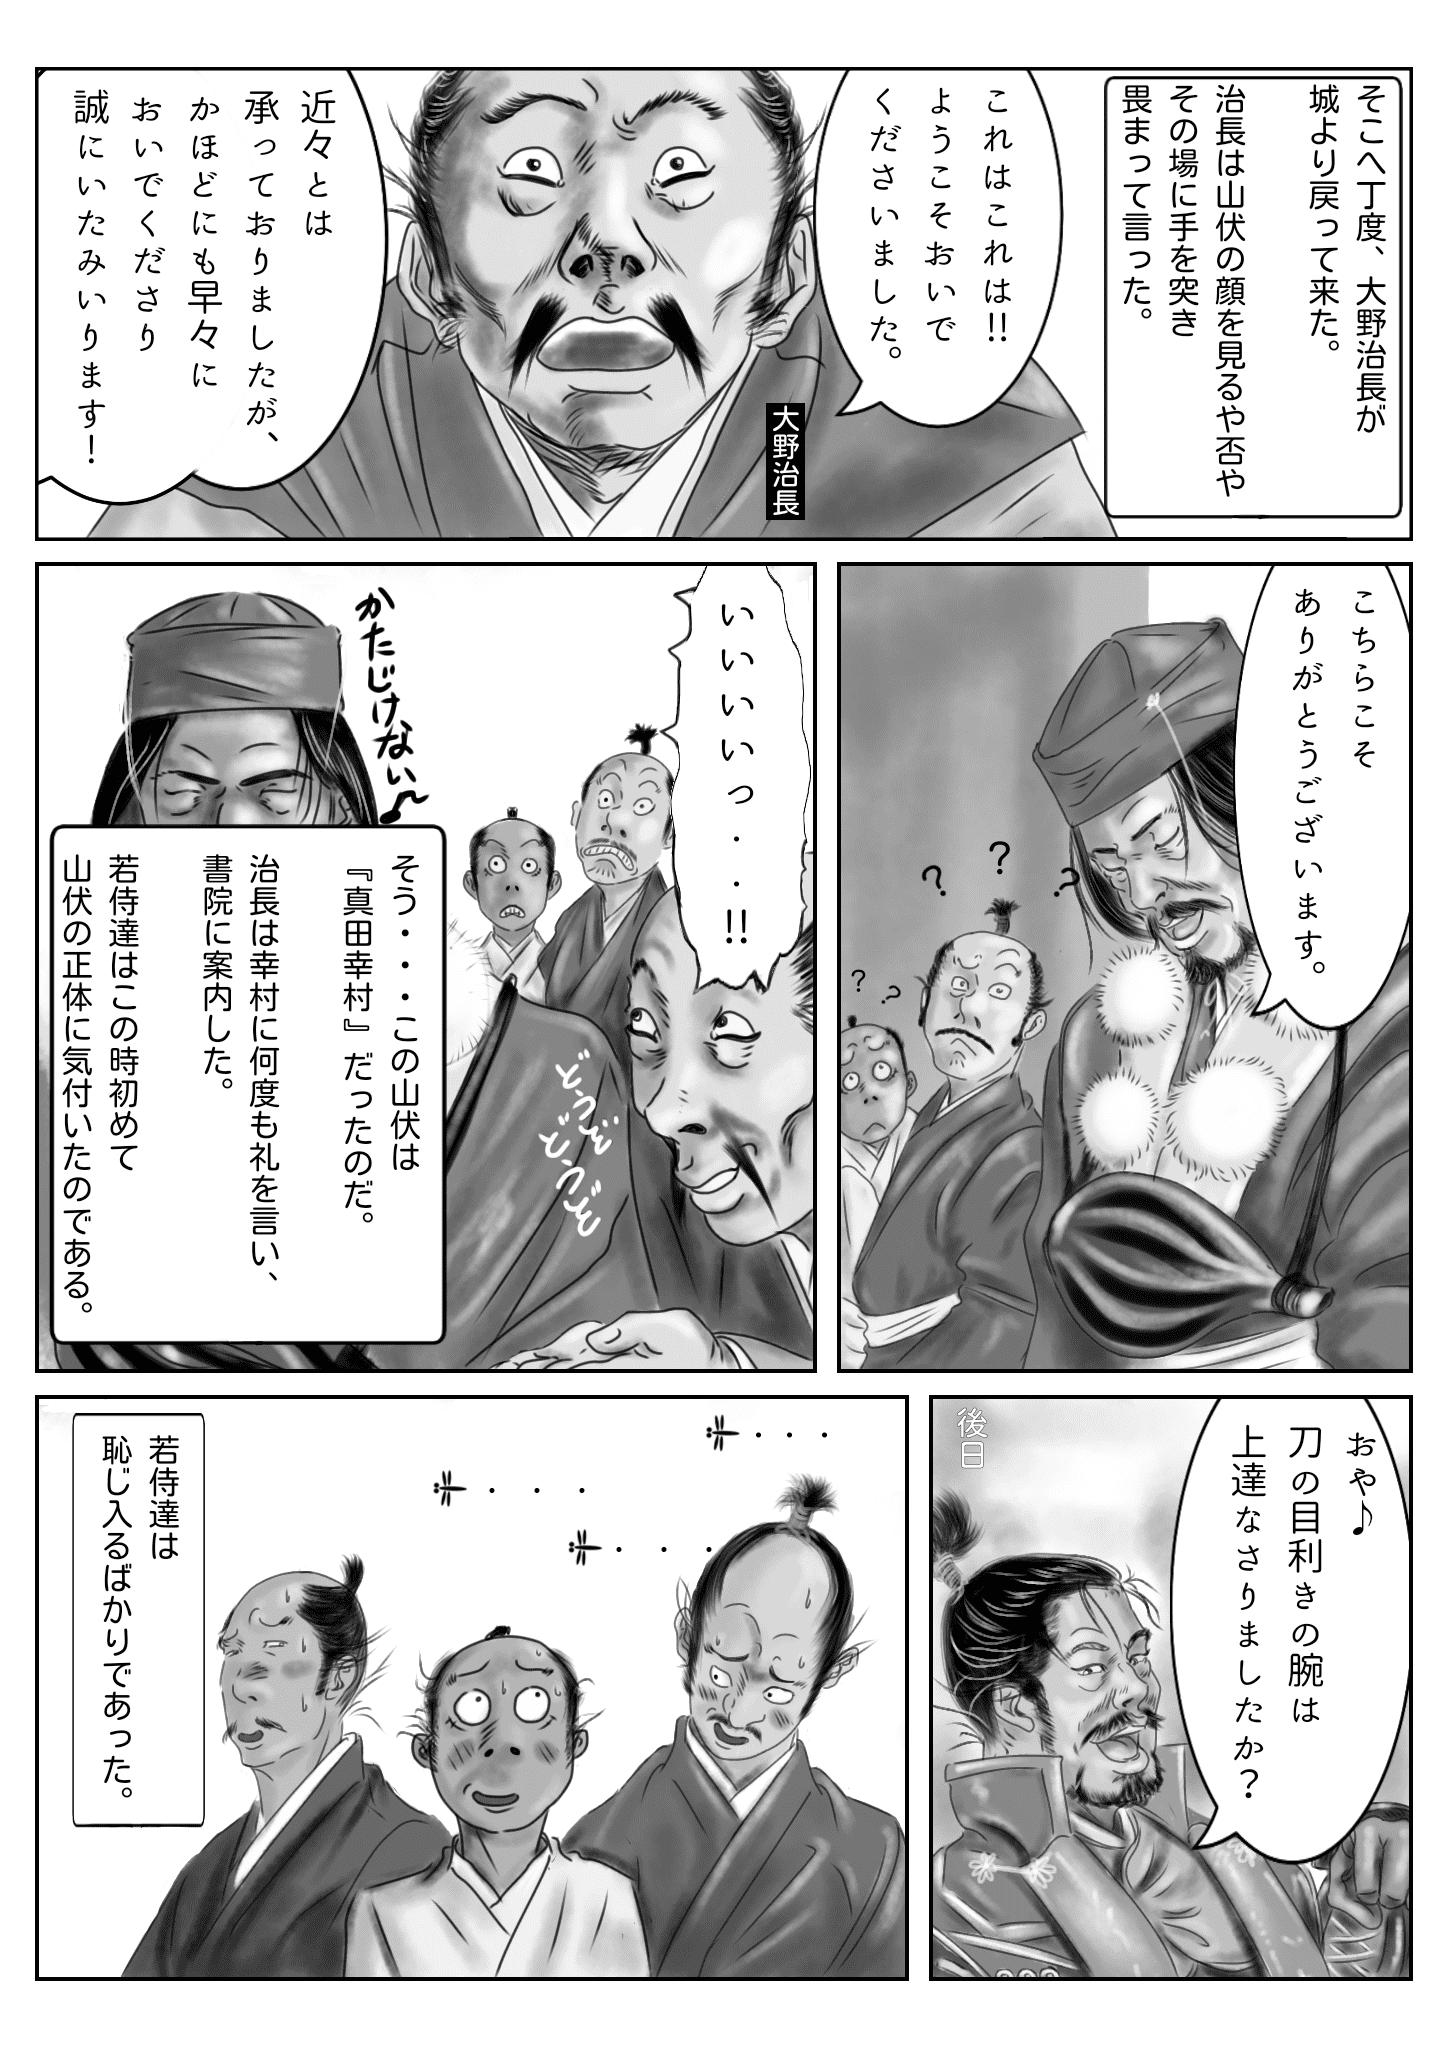 謎の山伏 3ページ